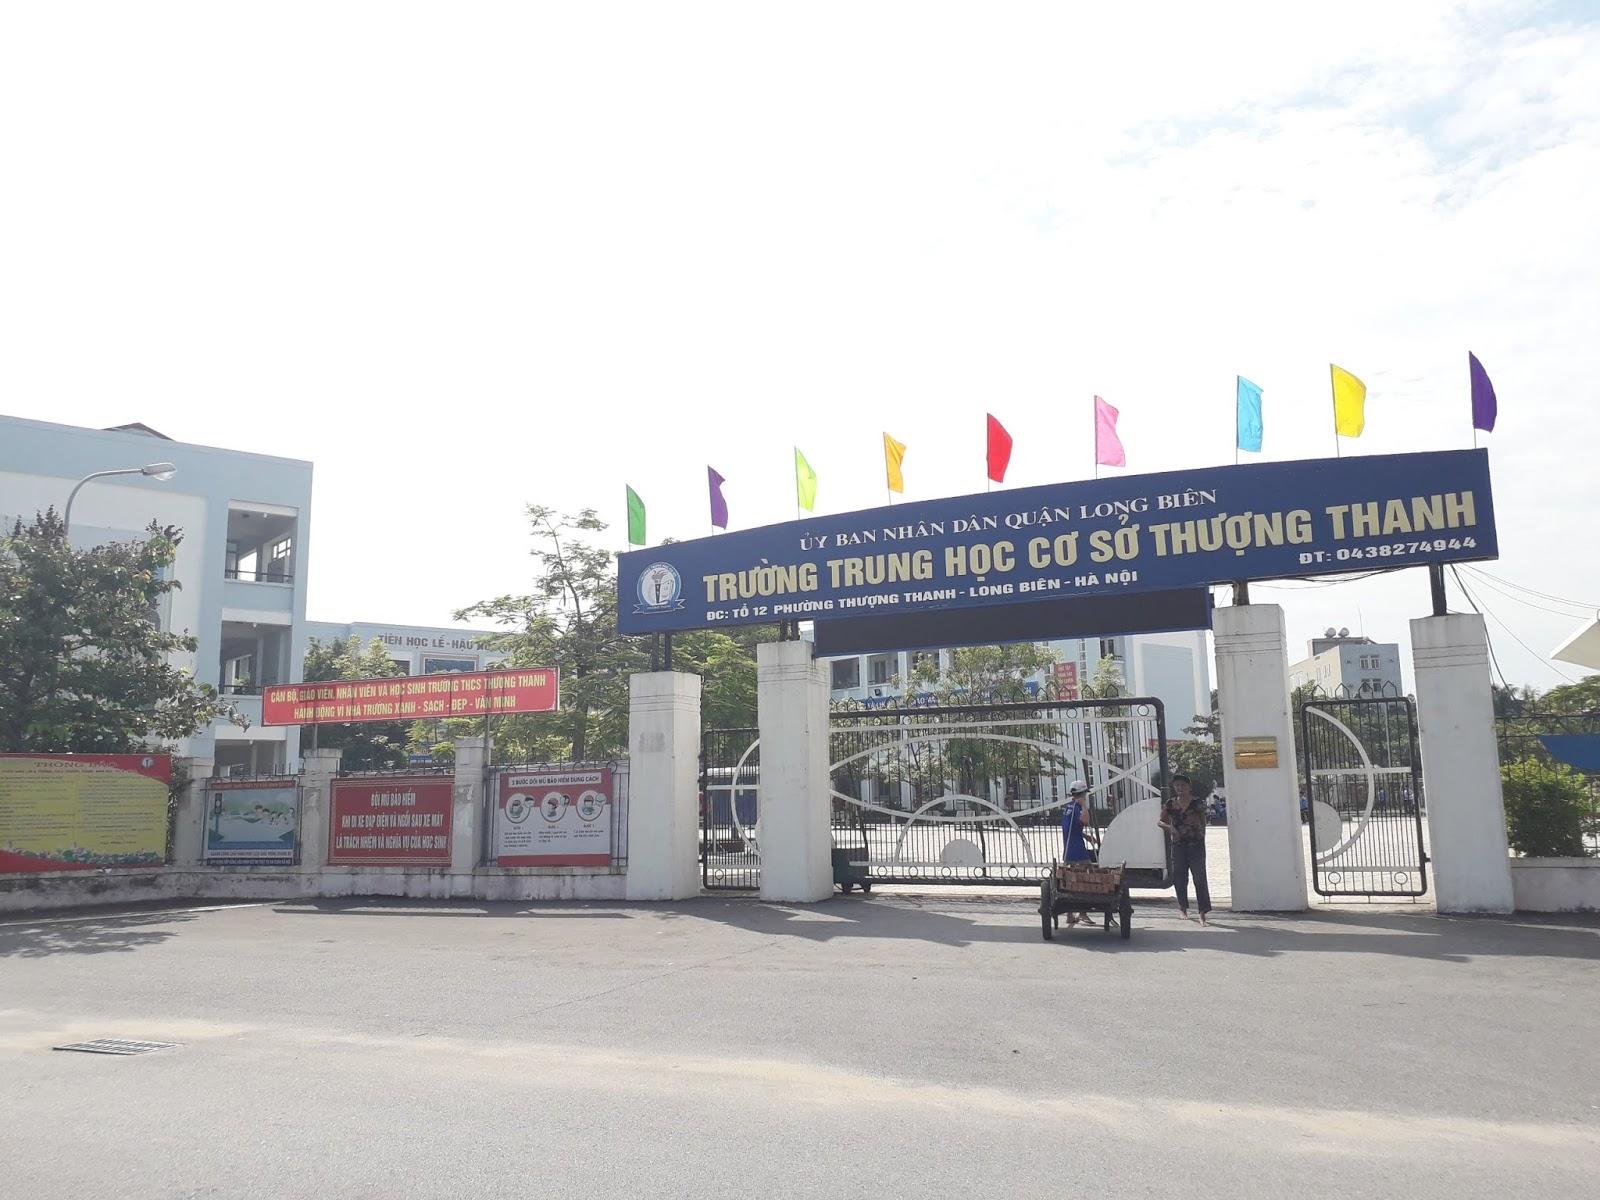 Trường THCS Thượng Thanh.